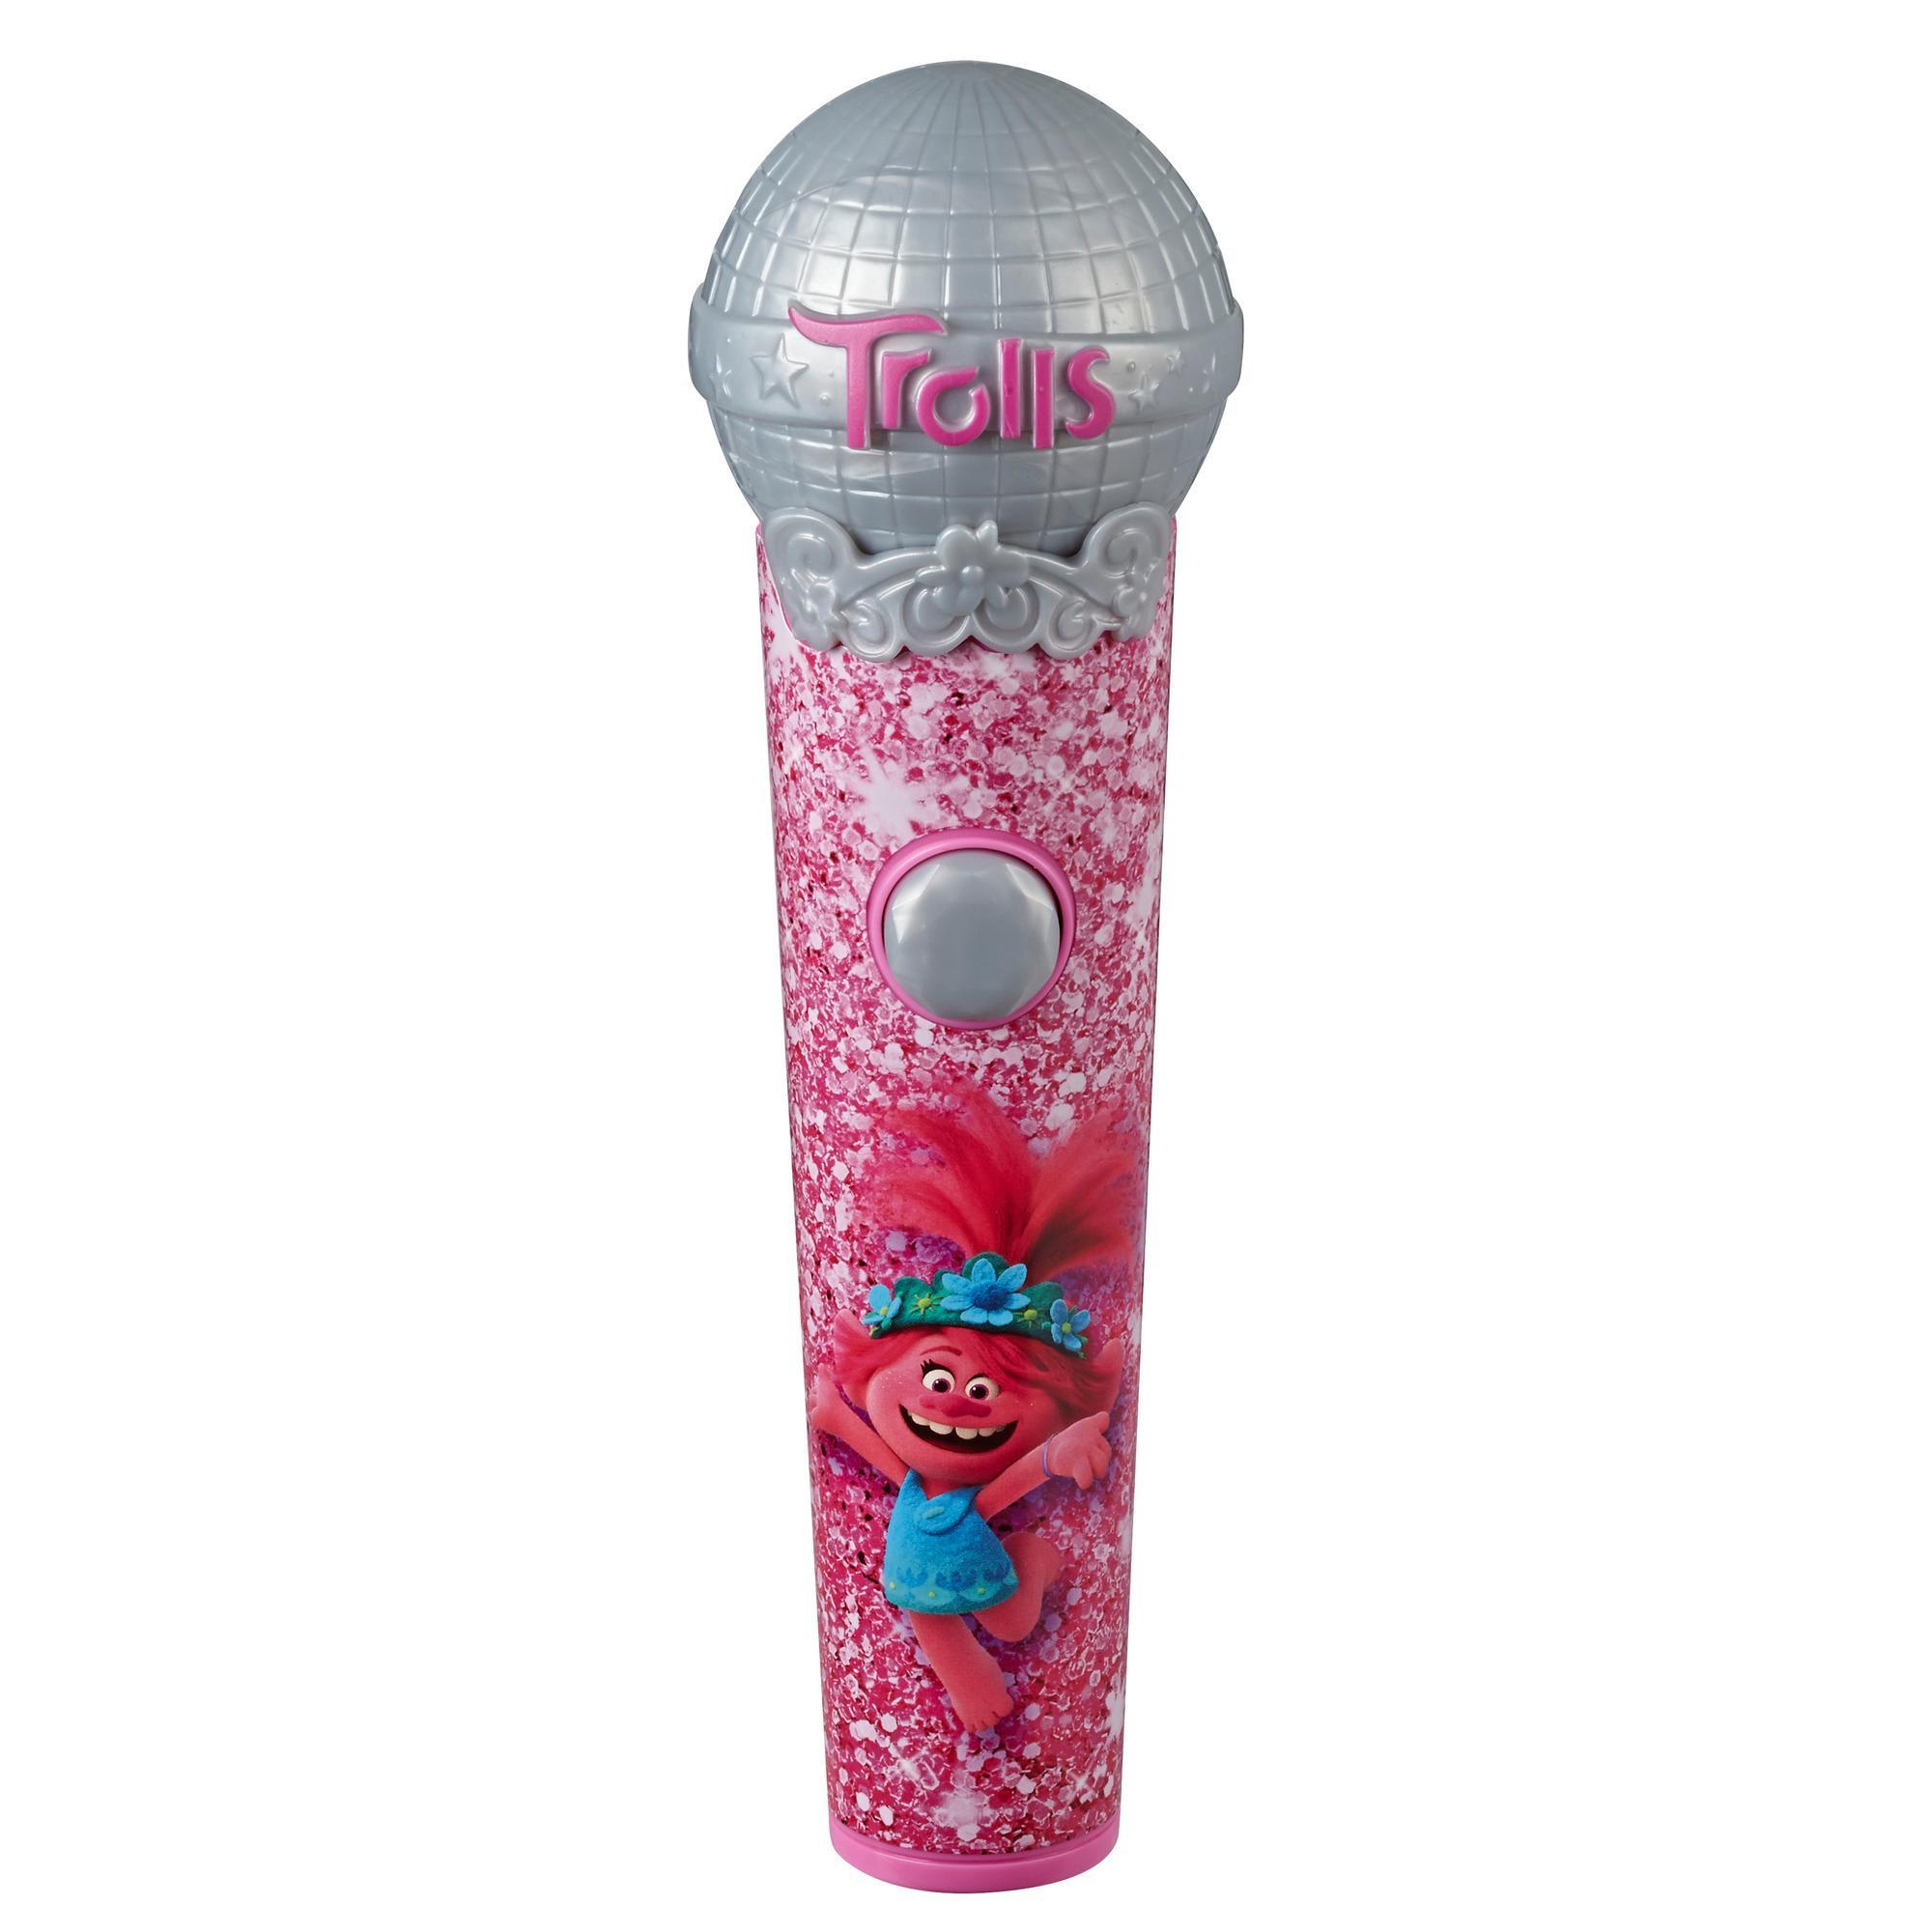 DreamWorks Trolls — Microfone da Poppy. Brinquedo musical com efeitos de luz e som que toca 5 músicas do filme Trolls World Tour